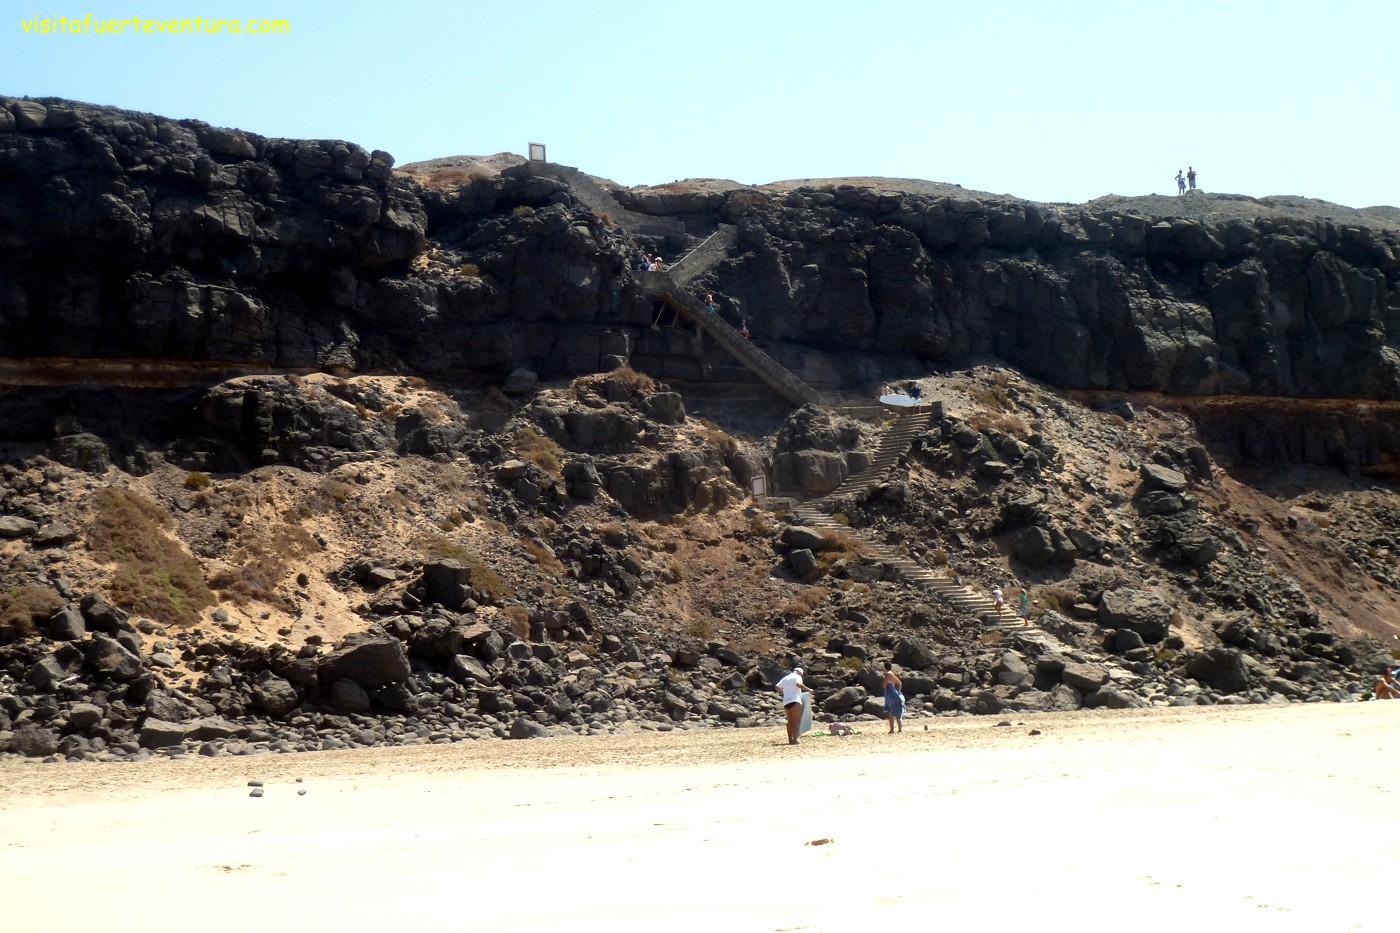 Playa de la Escalera en Fuerteventura. Playa del Aguila. Aguila Strand